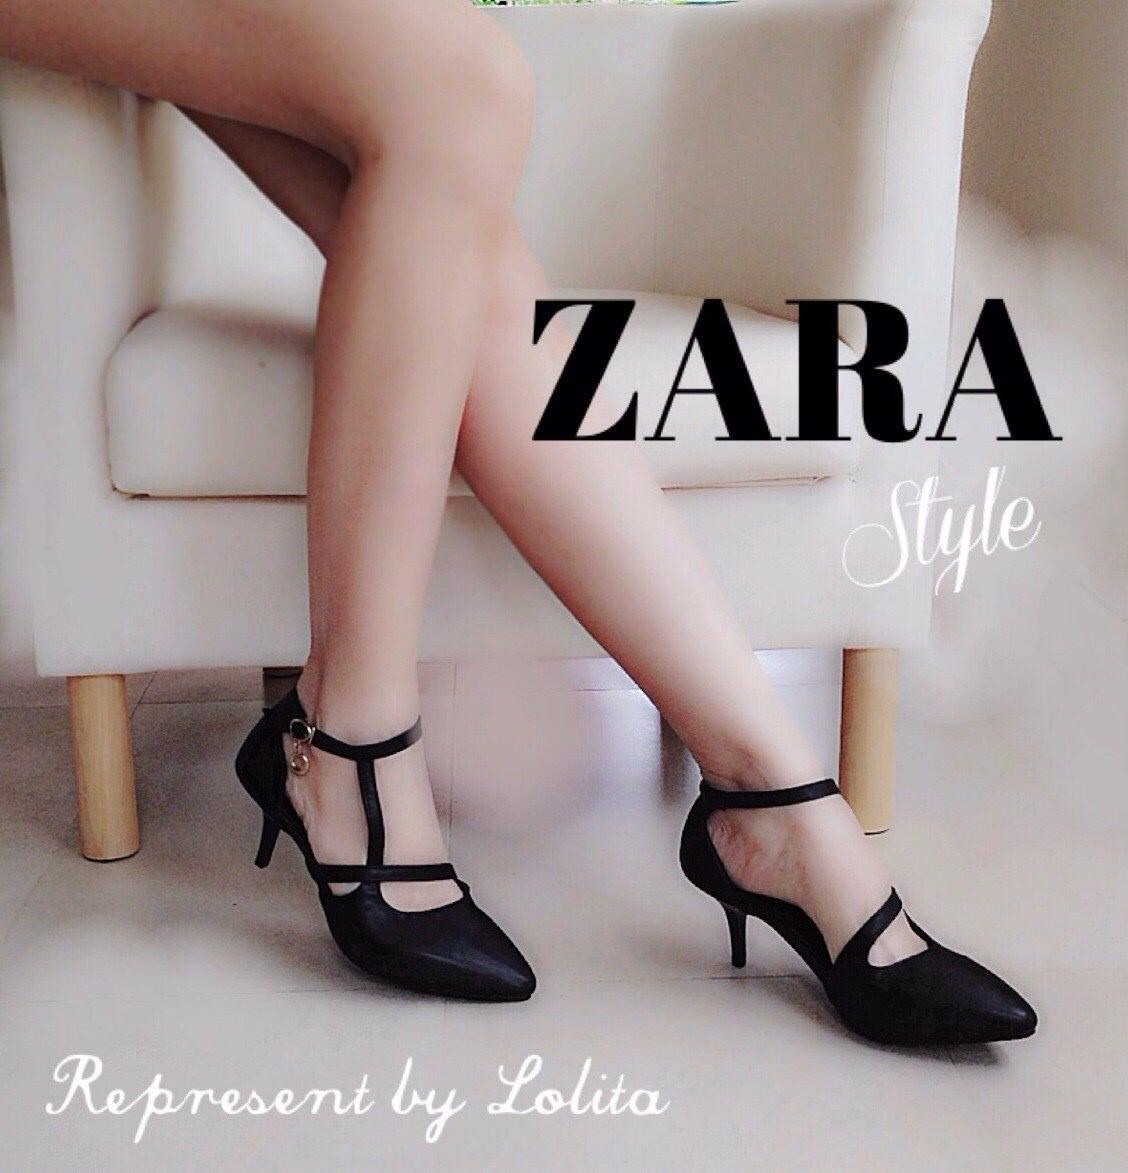 งานเก๋เว่อร์สไตล์ Zara รองเท้าส้นเข็มหัวแหลมสไตล์ซาร่า